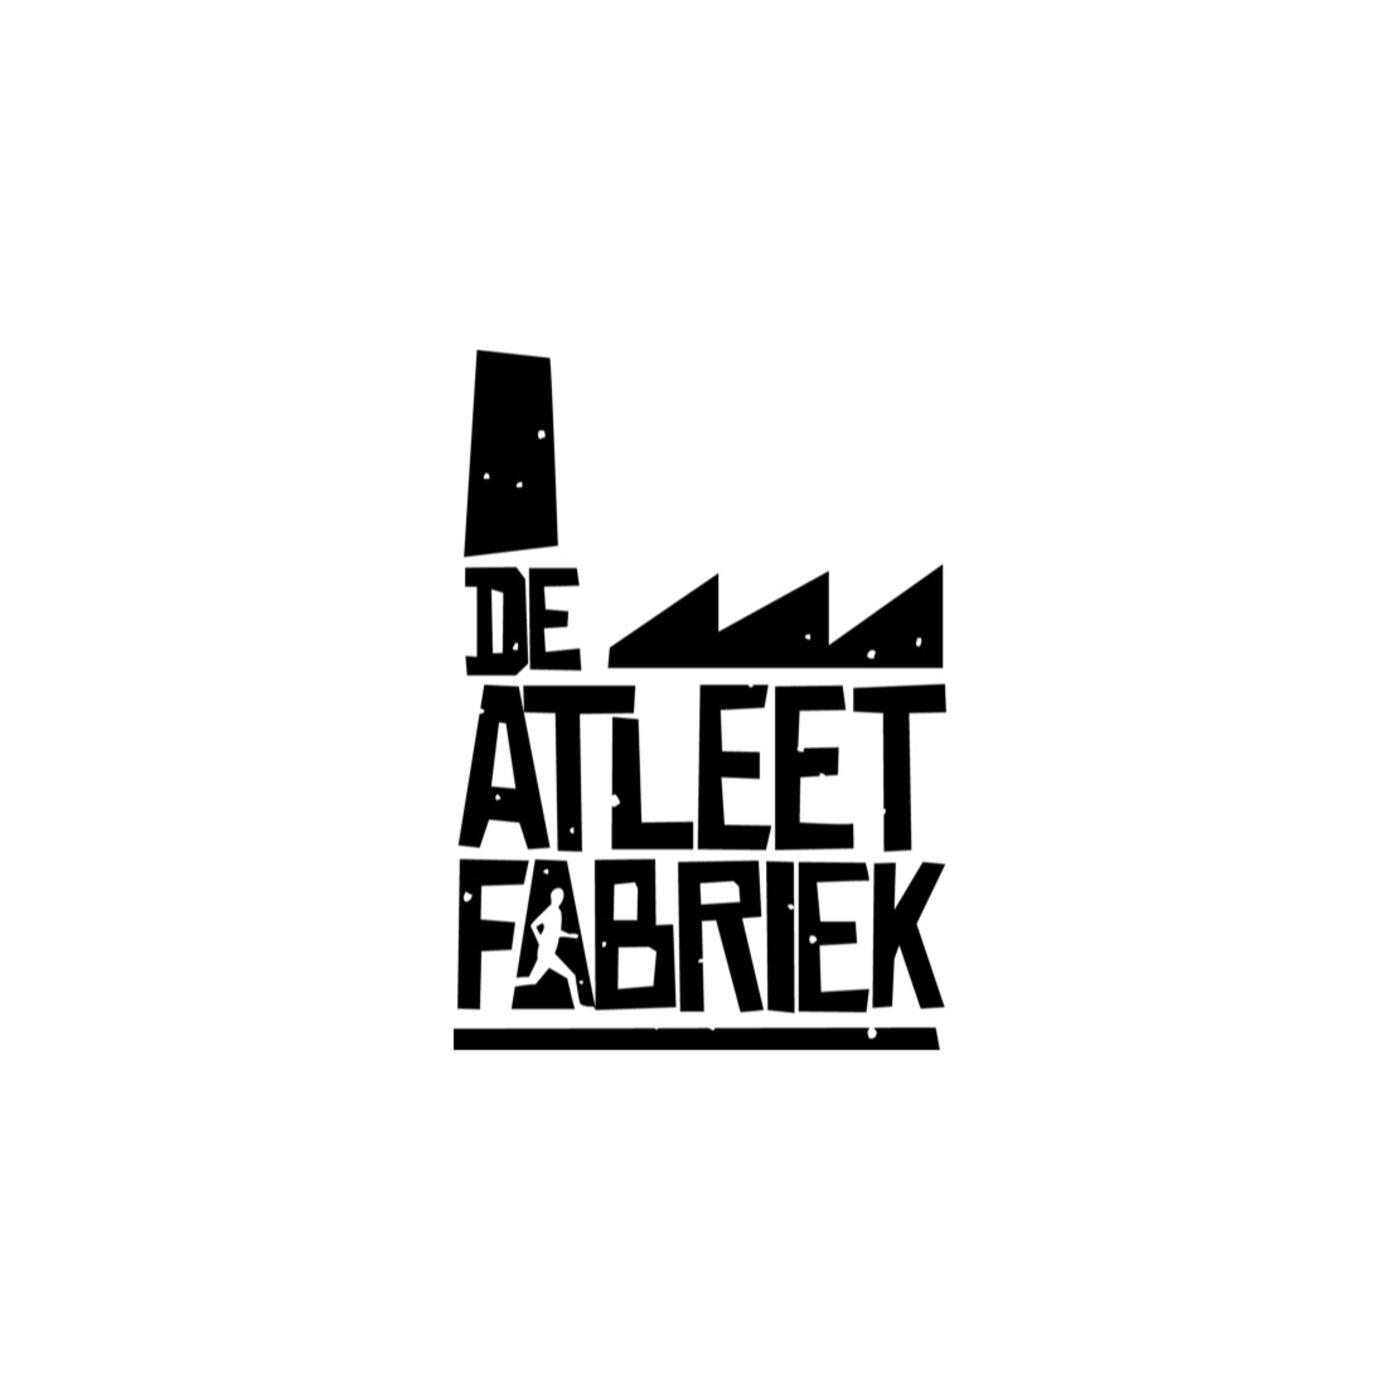 De Atleetfabriek logo